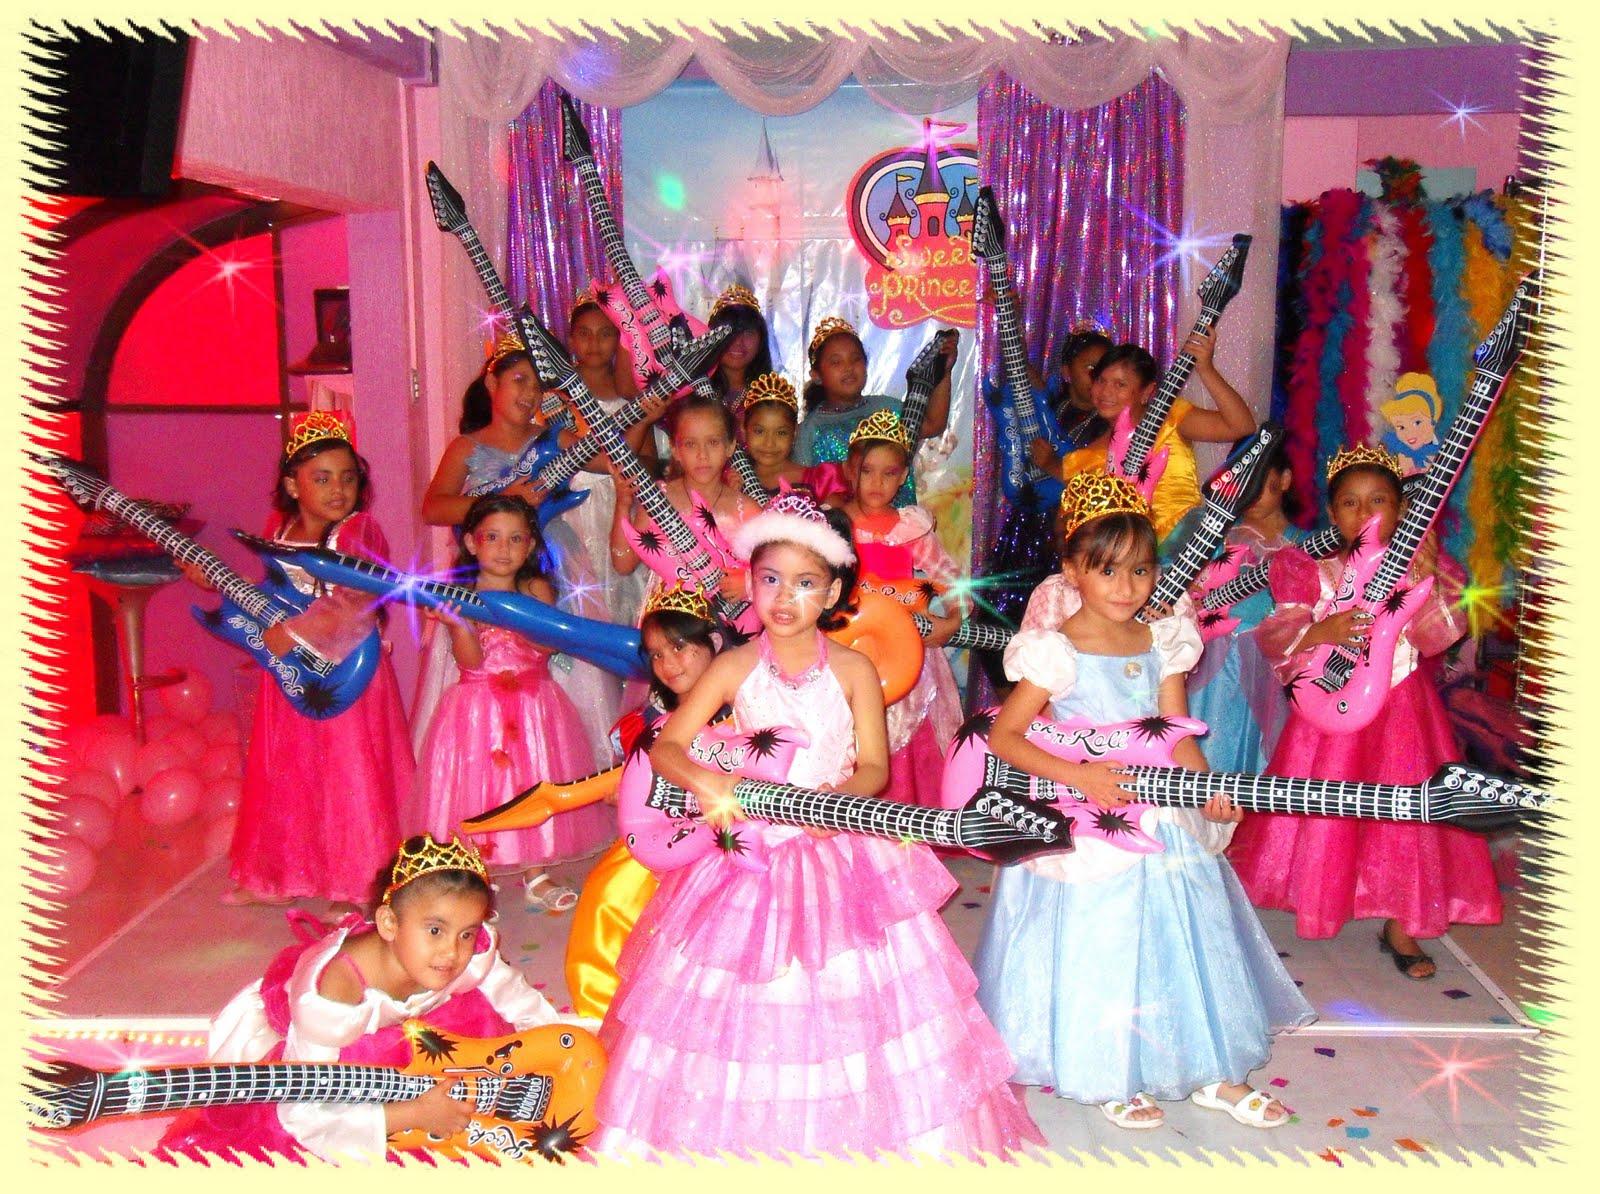 http://2.bp.blogspot.com/_u5-1HapriE0/TFICZCMxcII/AAAAAAAAAMA/4FhJwU0T7R8/s1600/Genesis+Valeria+Valdez+Maga%C3%B1a+(27).JPG.jpg